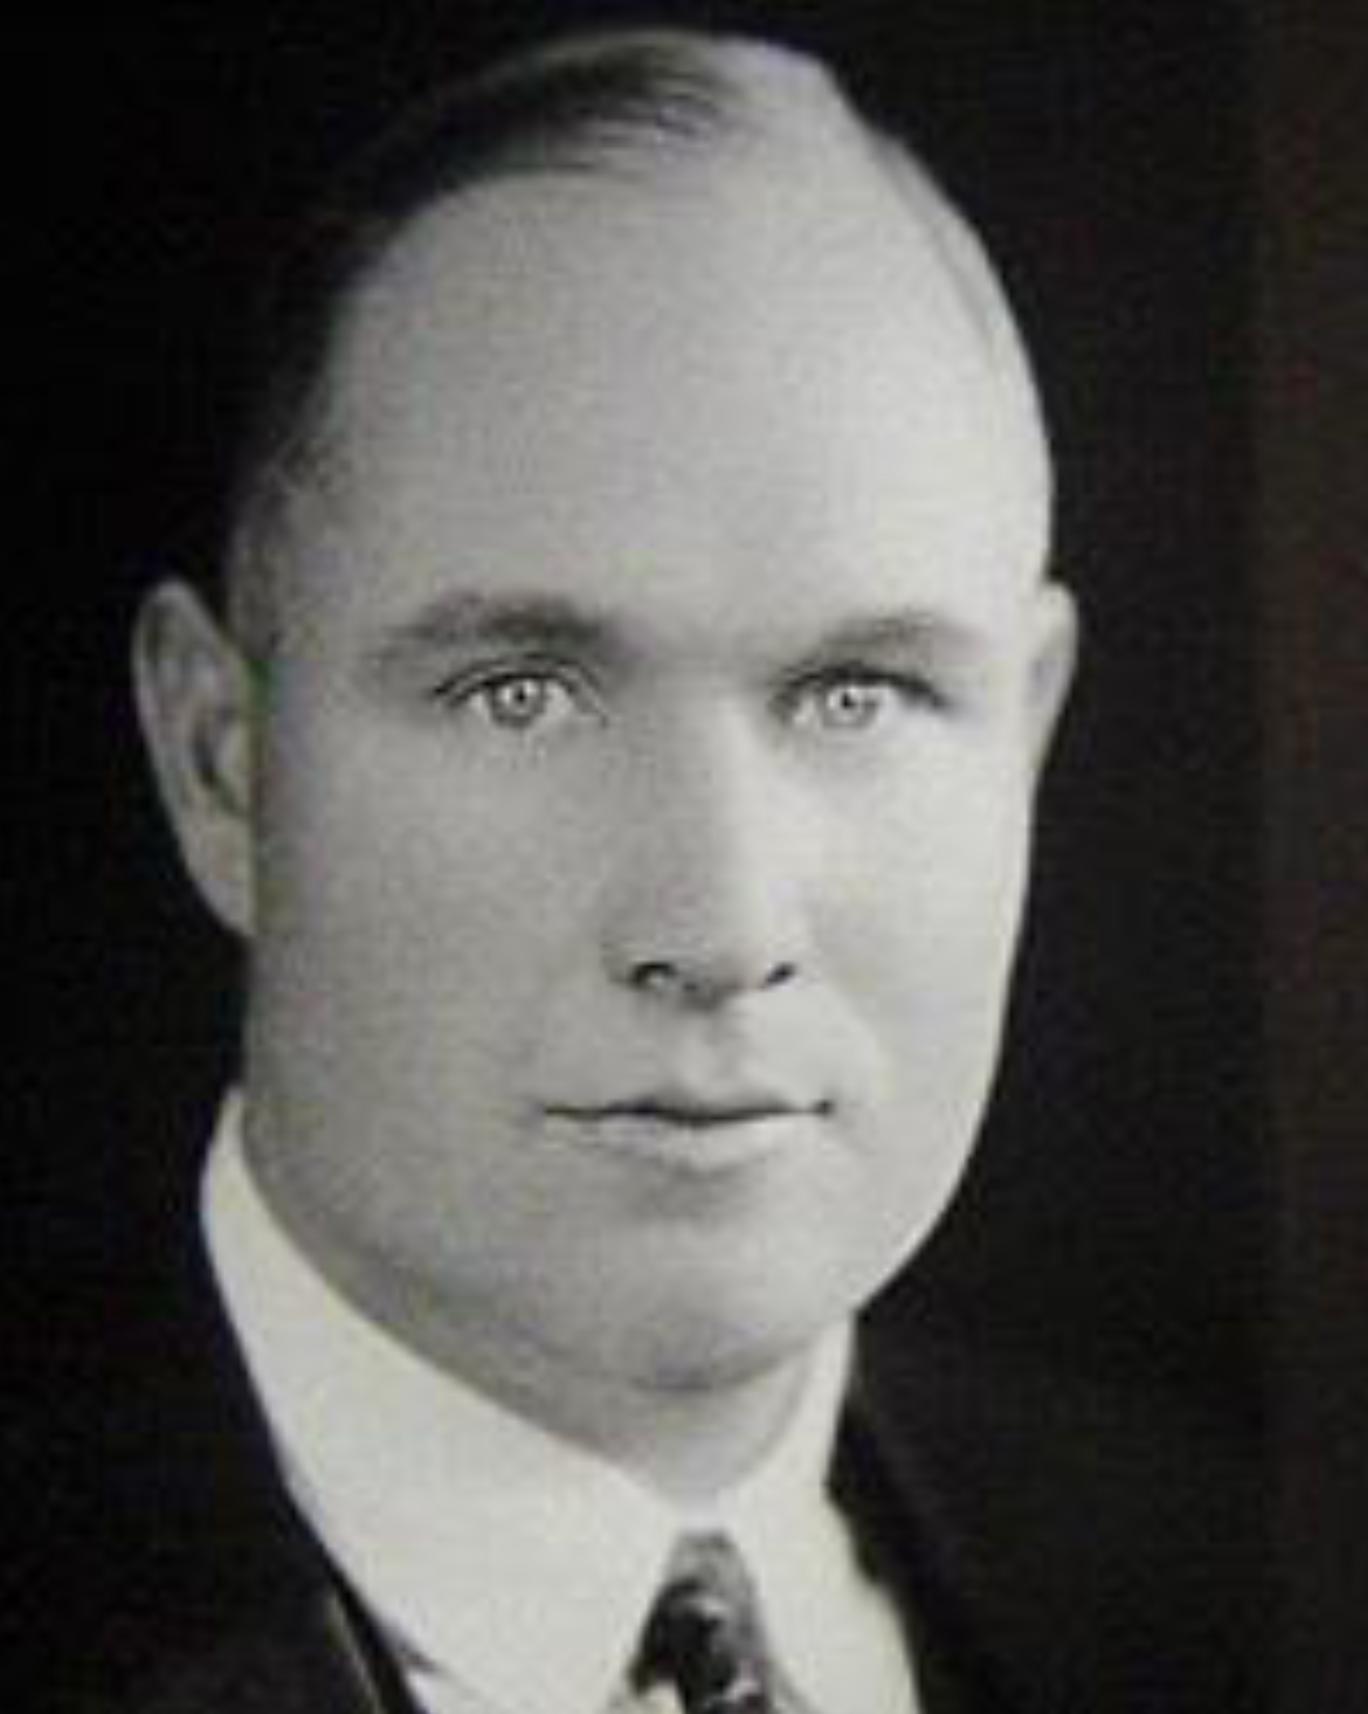 C. M. FITZWILLIAM